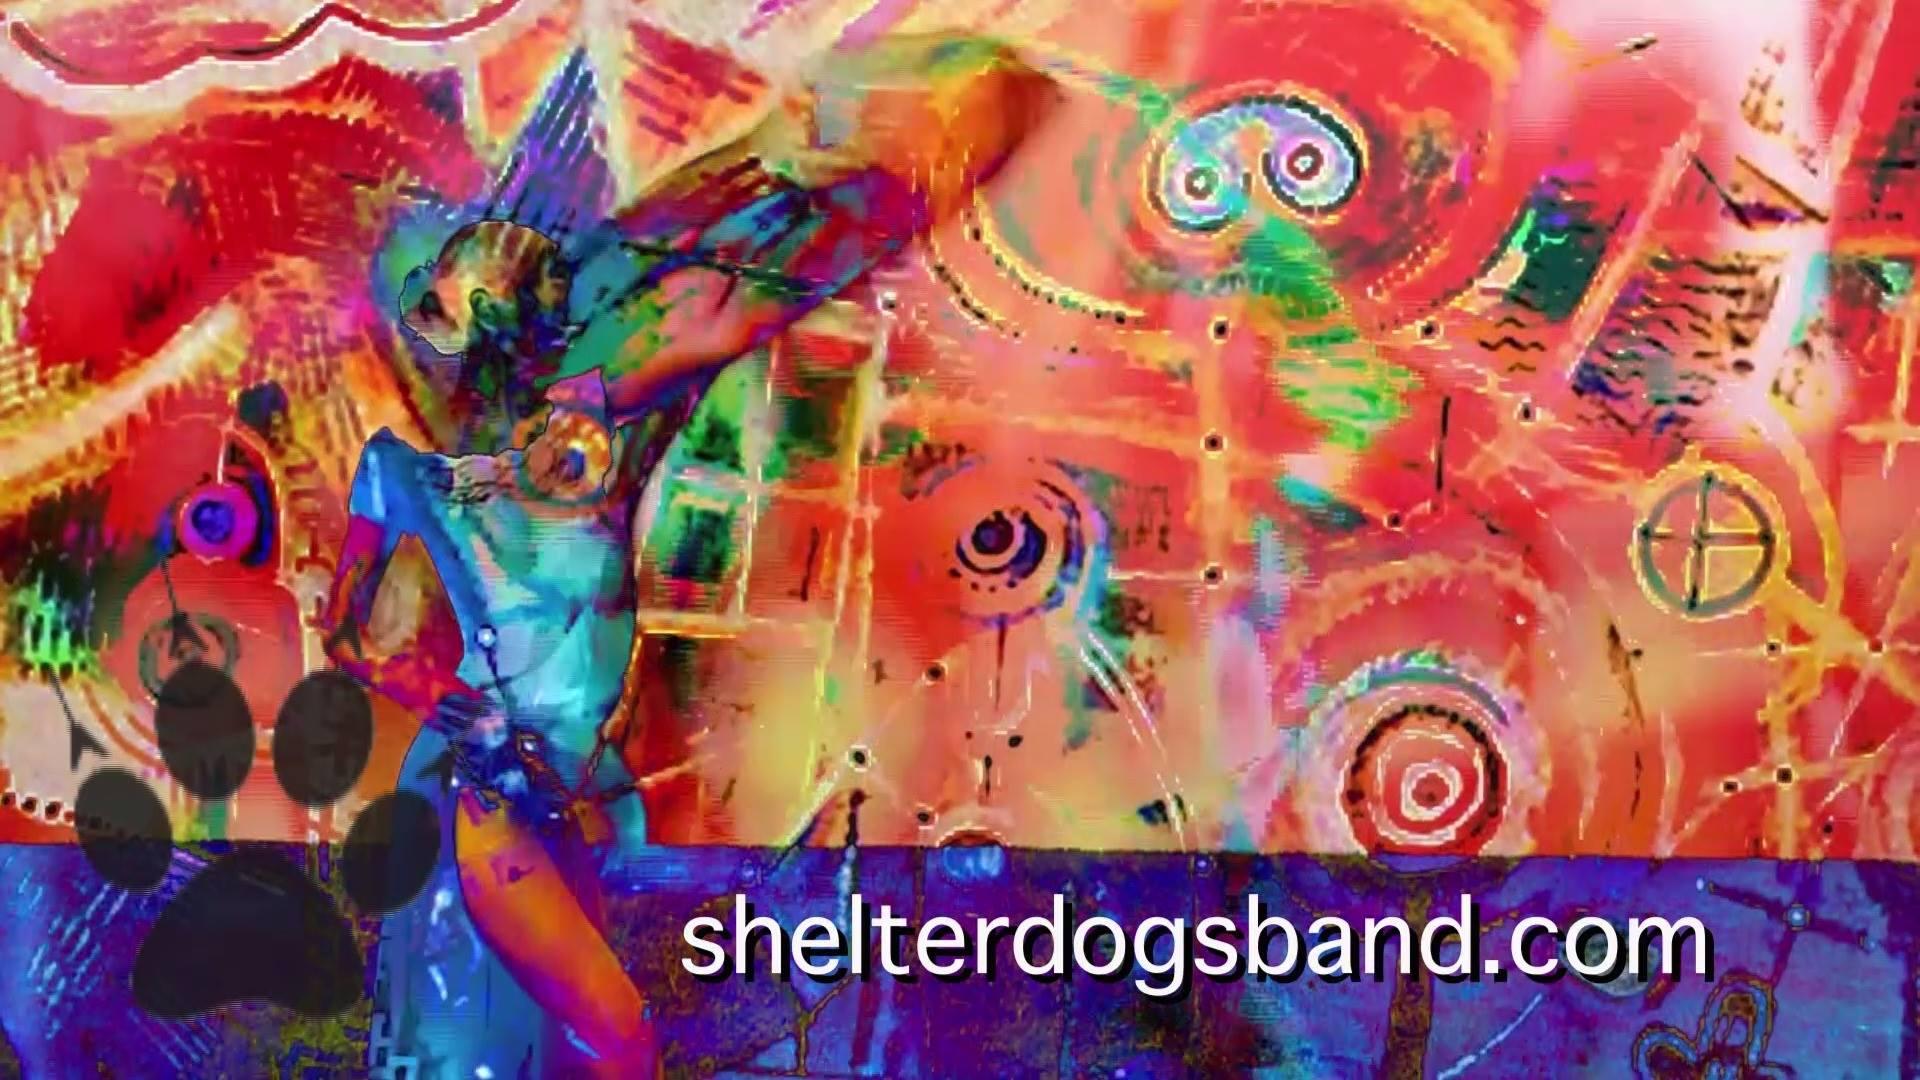 Corazon Espinado - Shelter Dogs Band